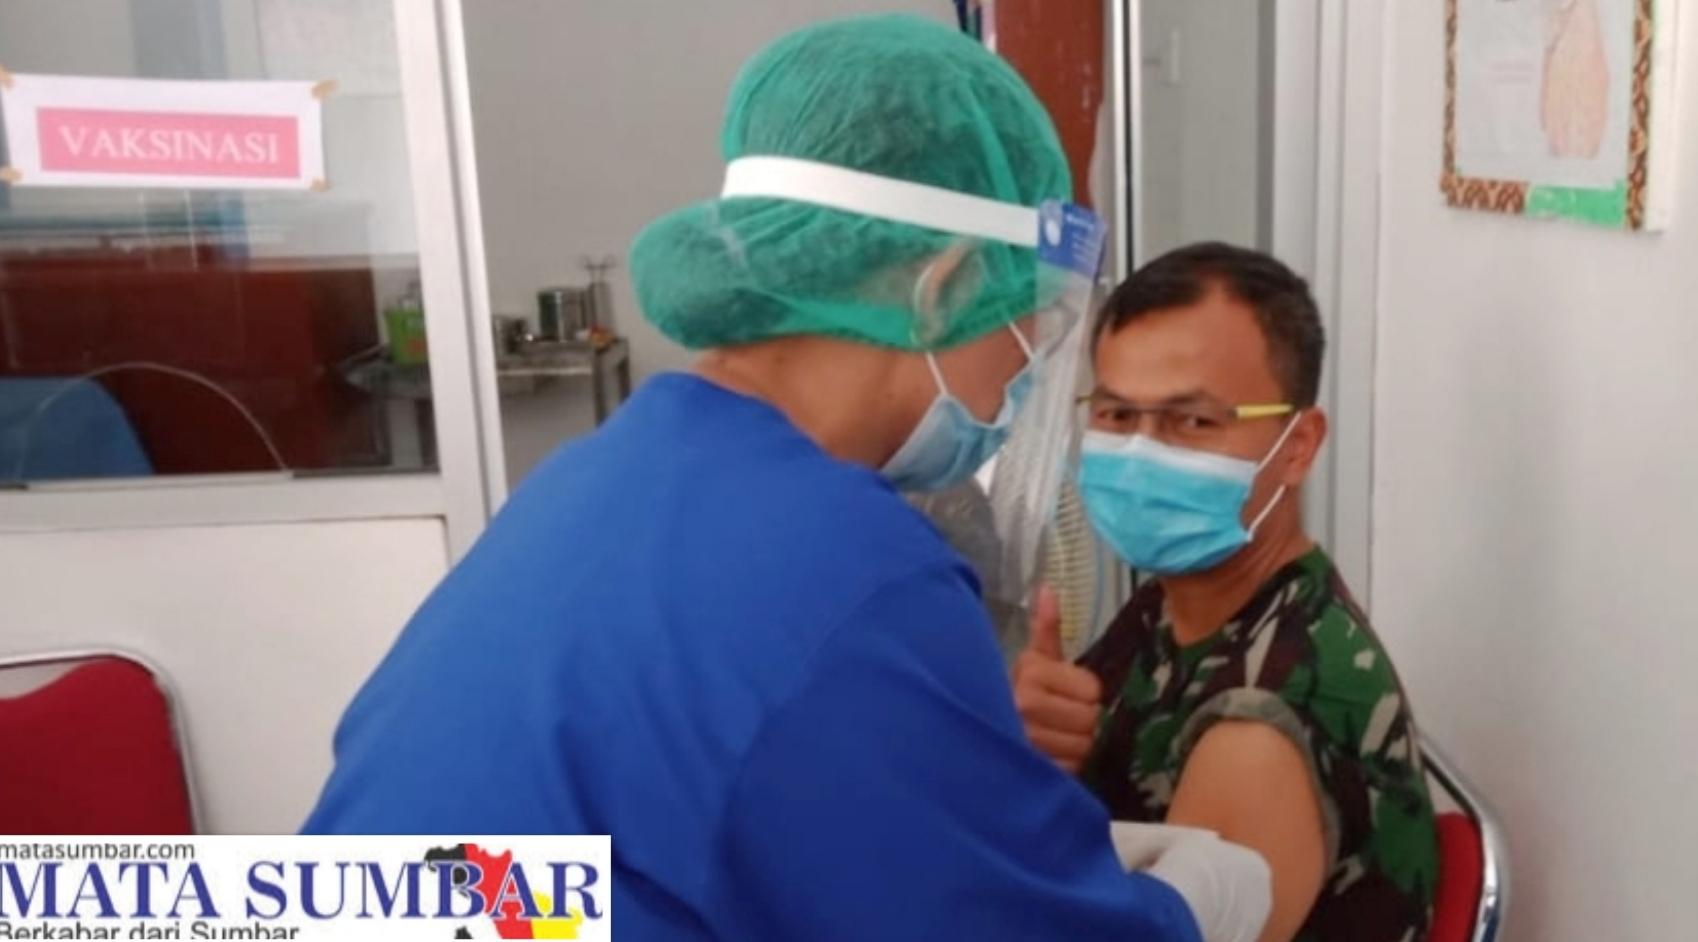 Ikuti Vaksinasi Covid-19, Dandim 0319/Mentawai Himbau Masyarakat Jangan Ragu dan Takut di Vaksin